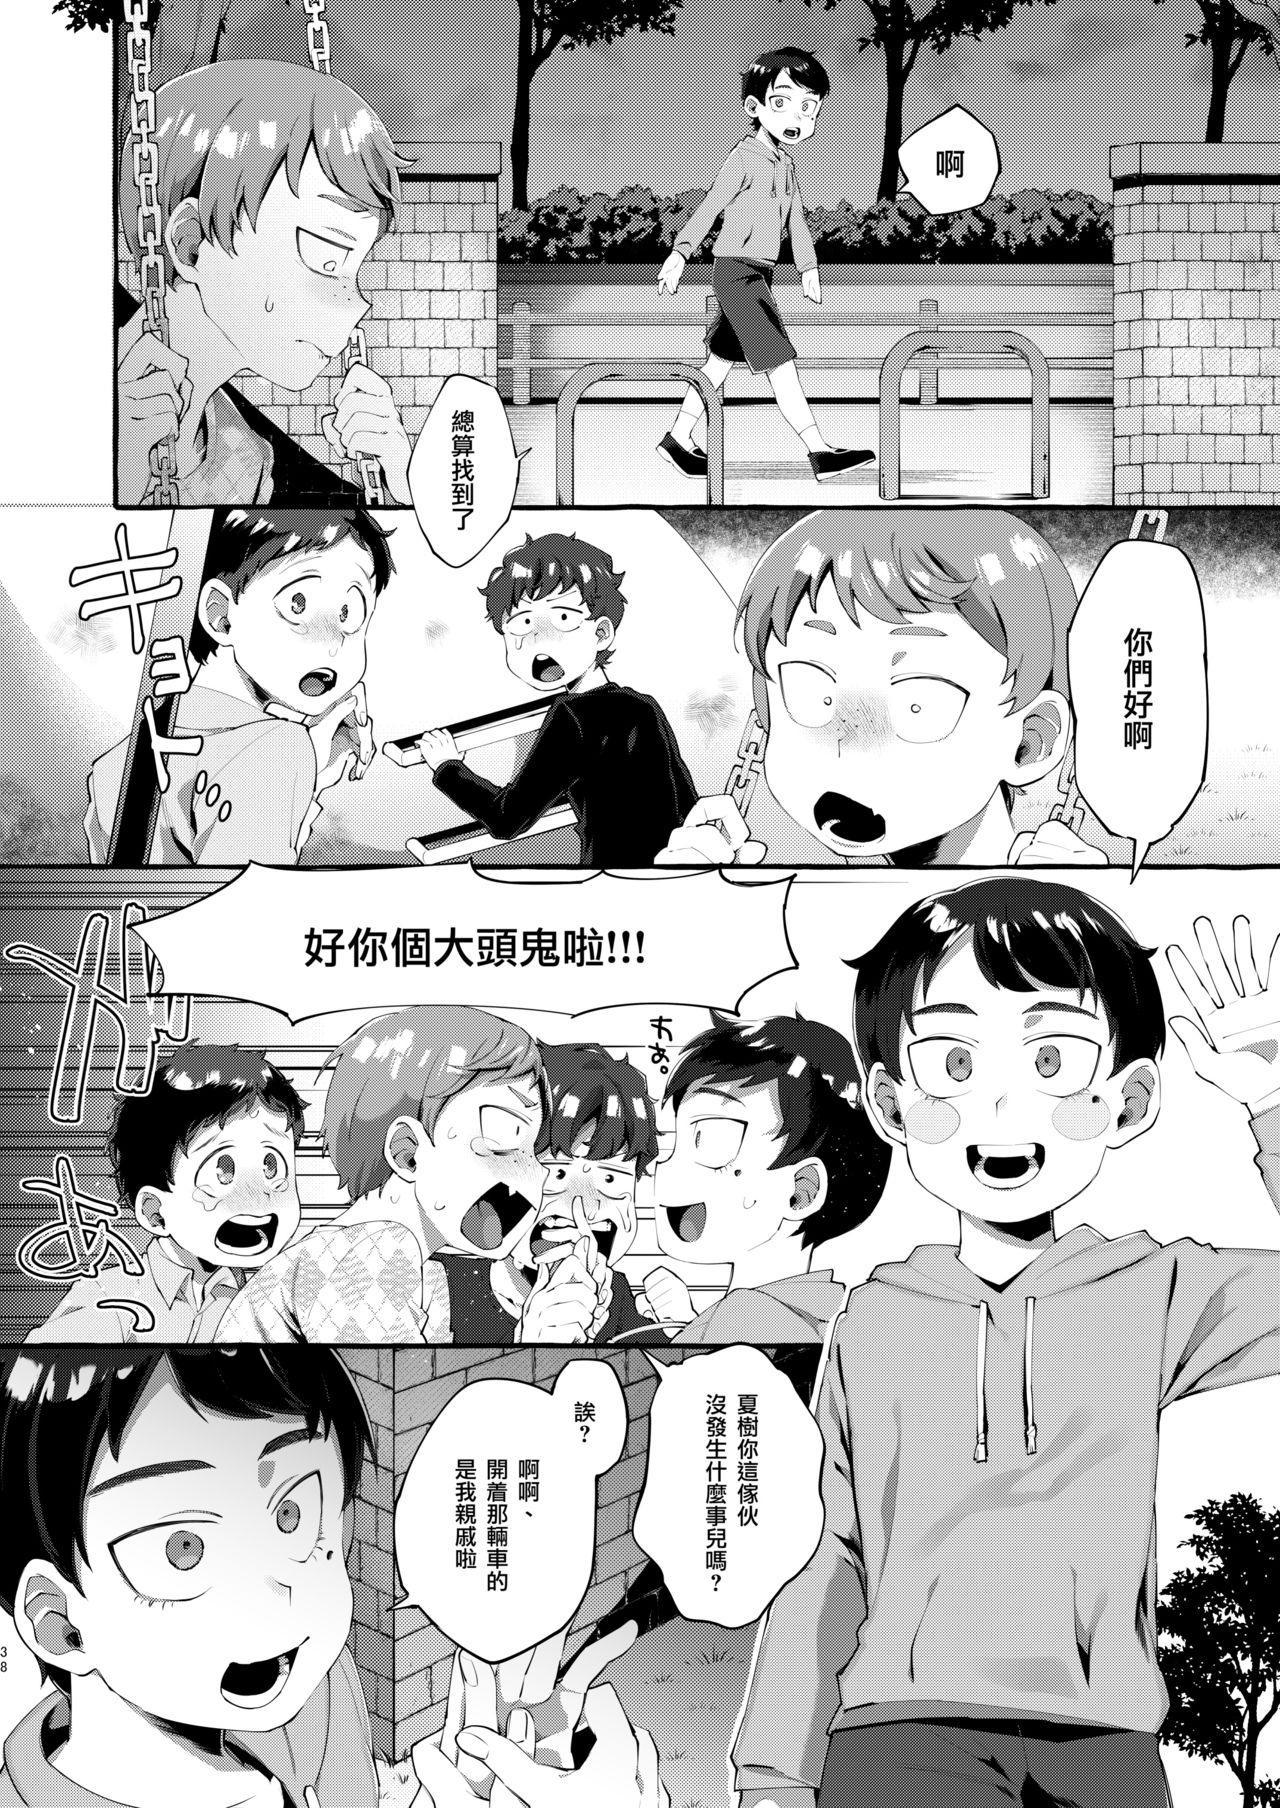 Joshigakusei o Rachi Yuukai Shita to Omottara Otokonoko datta. | 本以为诱拐了女学生却发现是伪娘。 37